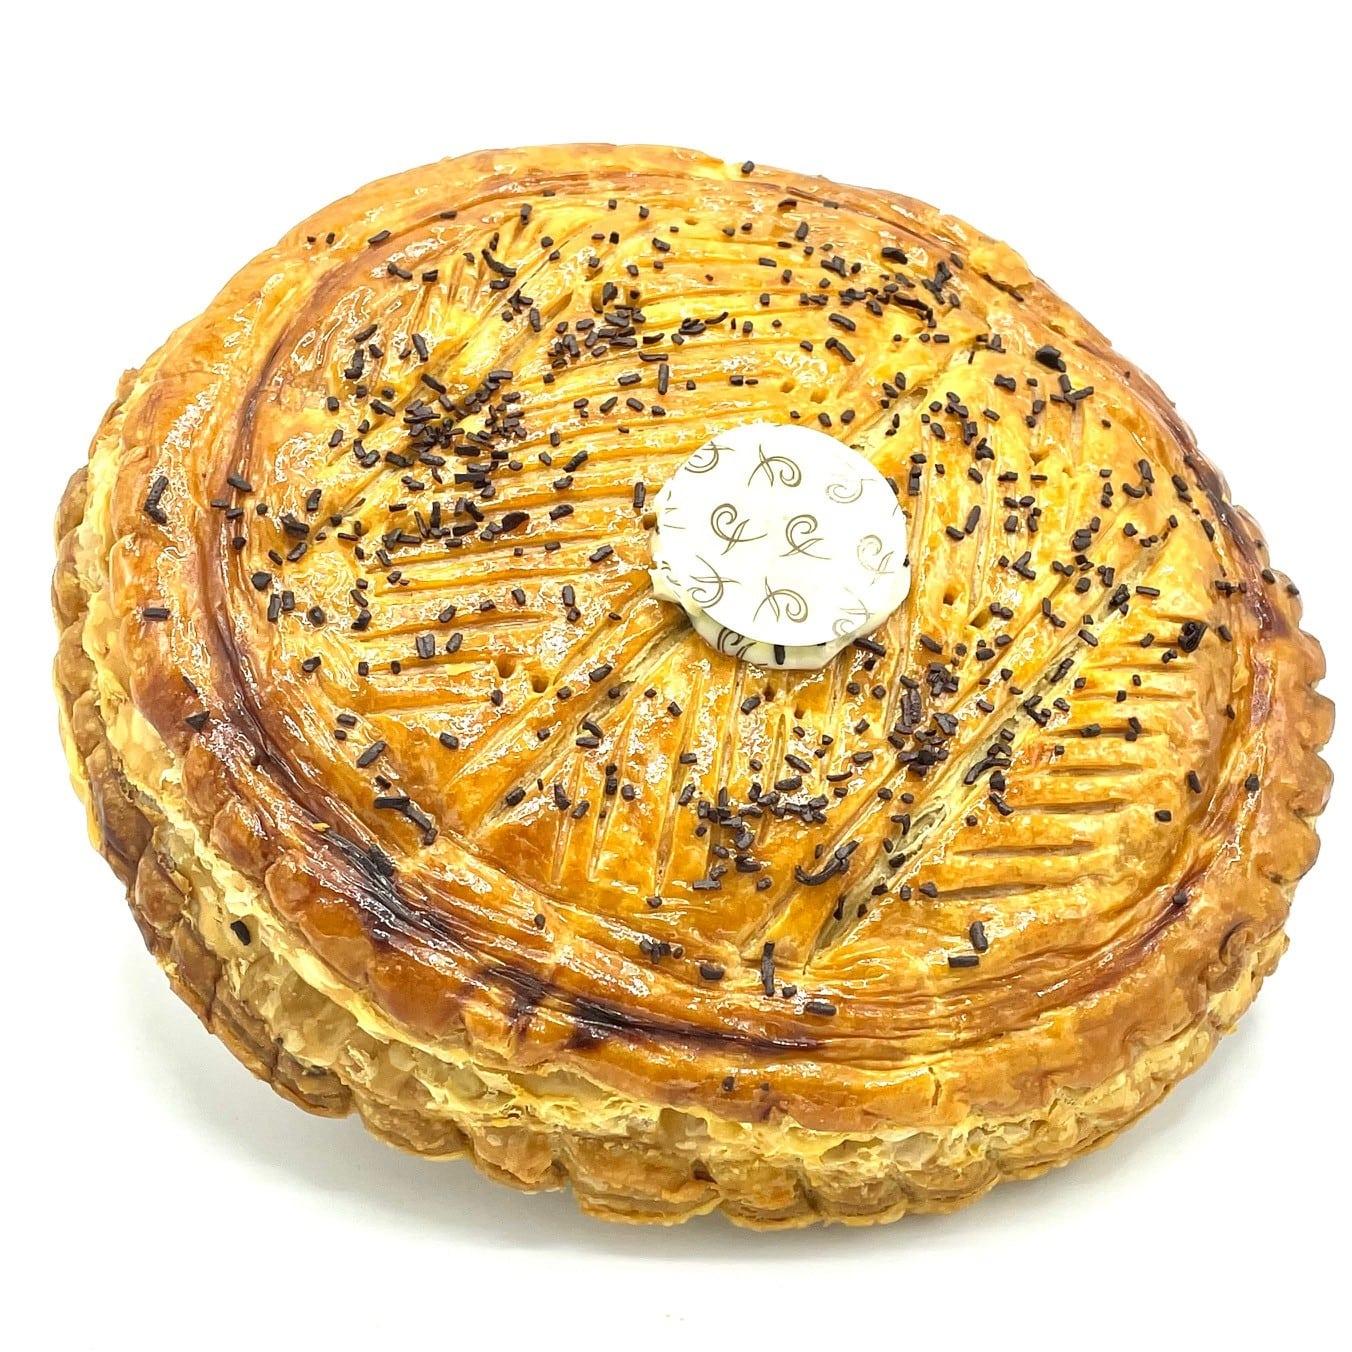 espace-sucrechocolat-boutique-categorie-galette-des-rois-min